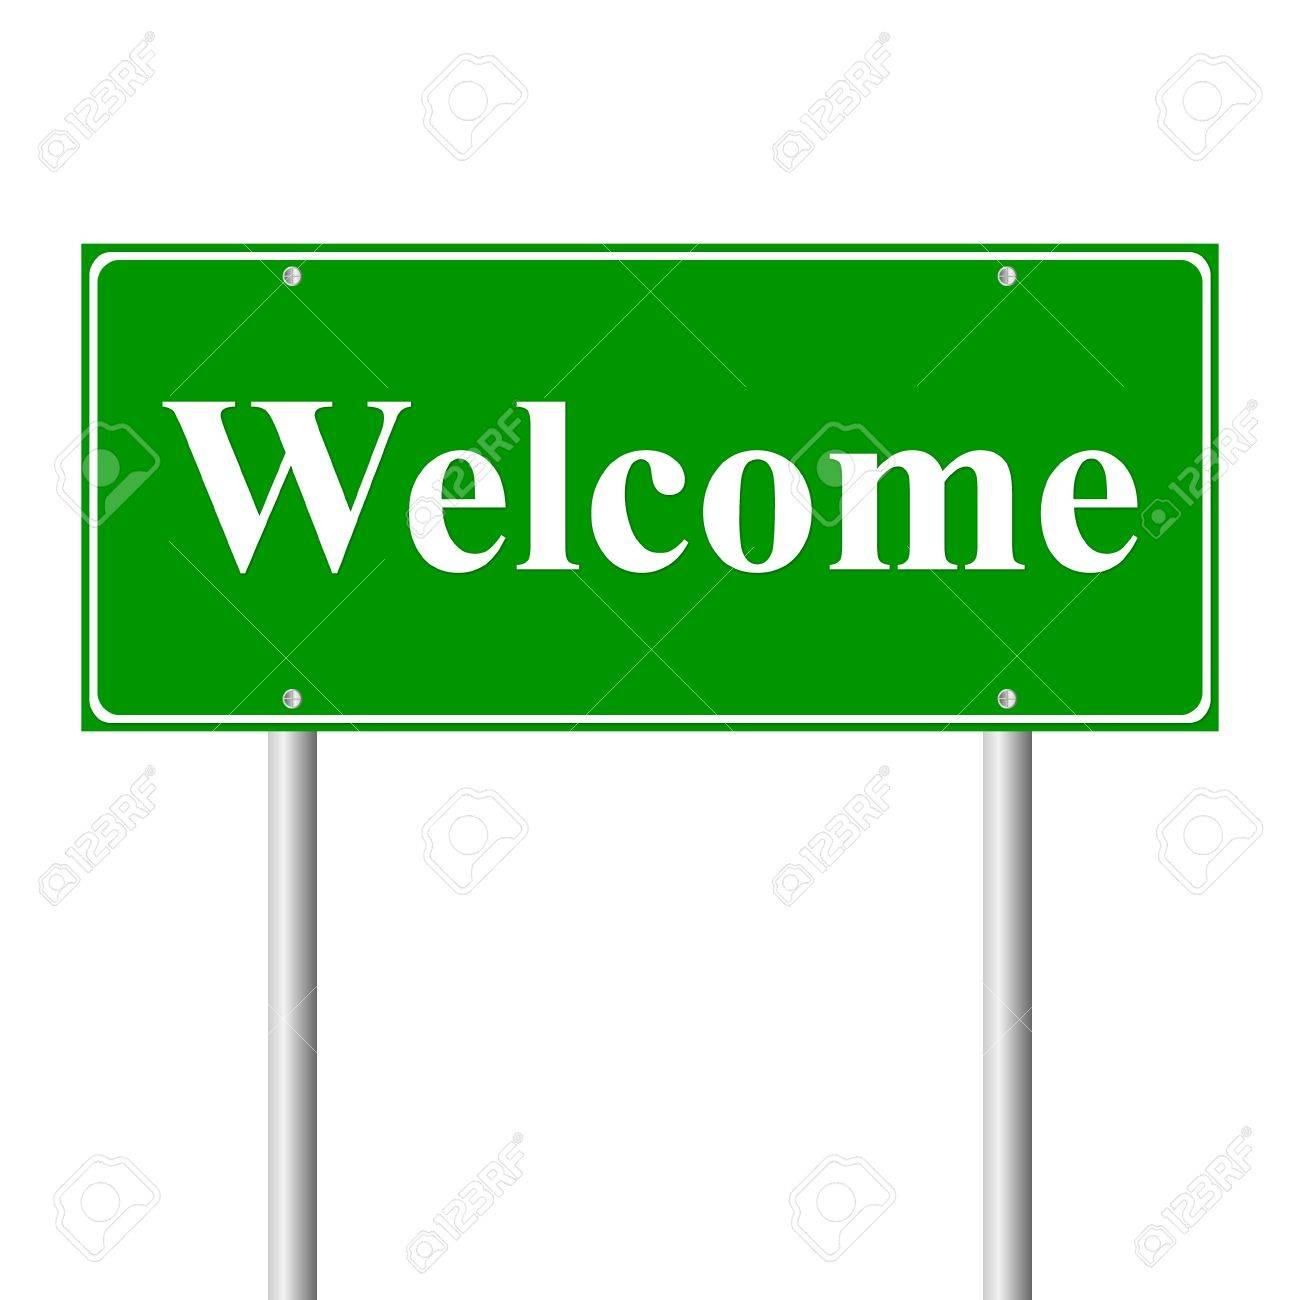 http://previews.123rf.com/images/konstantinks/konstantinks1201/konstantinks120100101/11760989-Welcome-green-road-sign-isolated-on-white-background-Stock-Vector.jpg